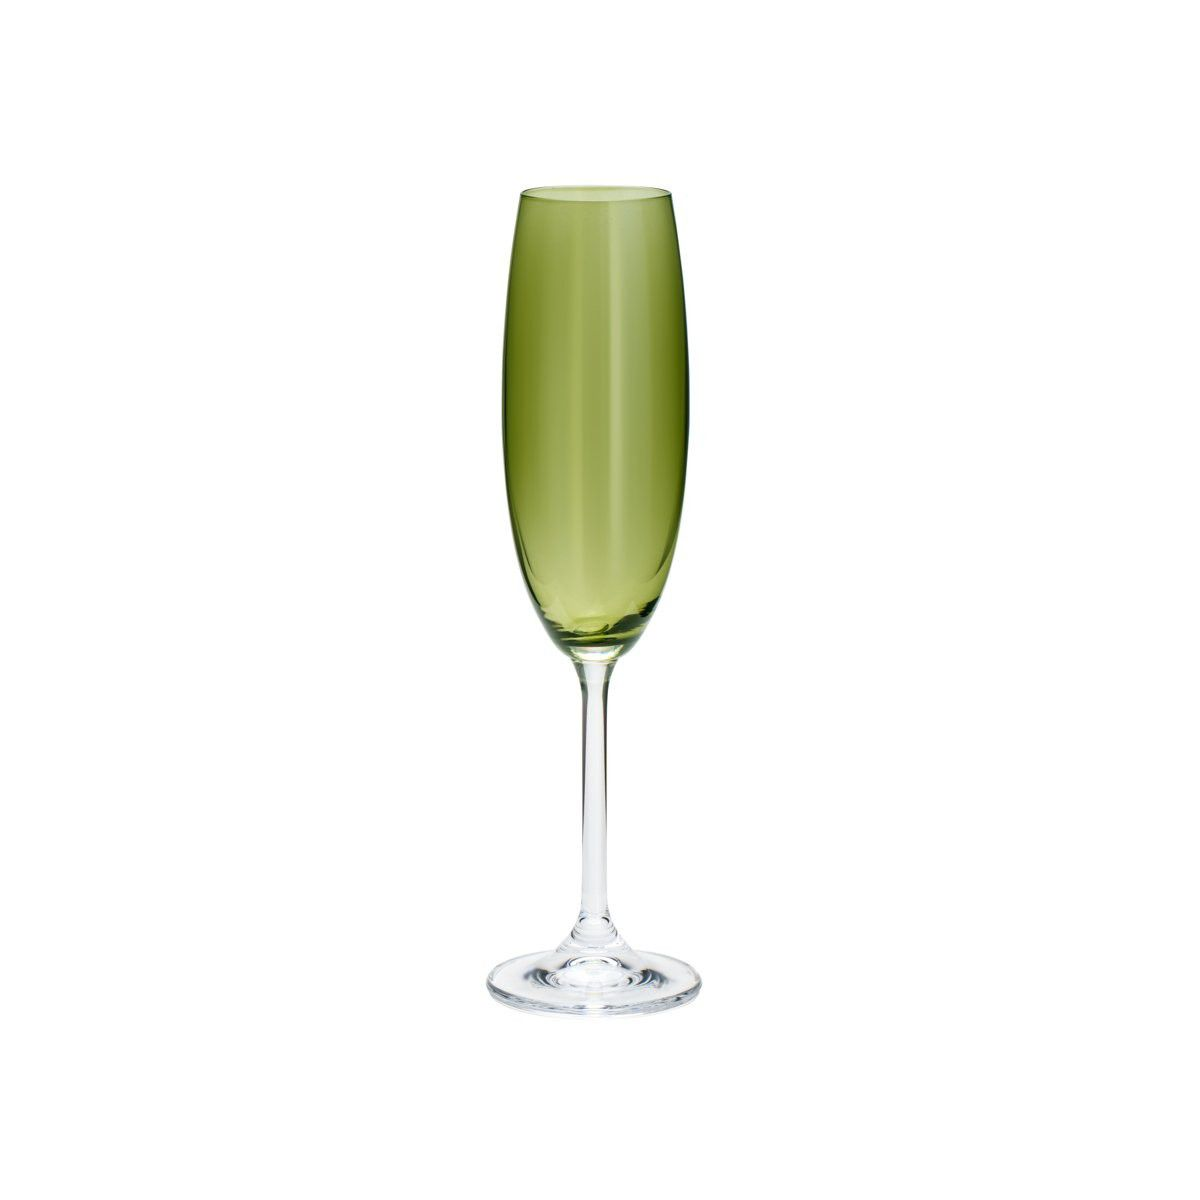 Jogo 6 taças 220ml para champagne de cristal ecológico verde Gastro/Colibri Bohemia - 35041